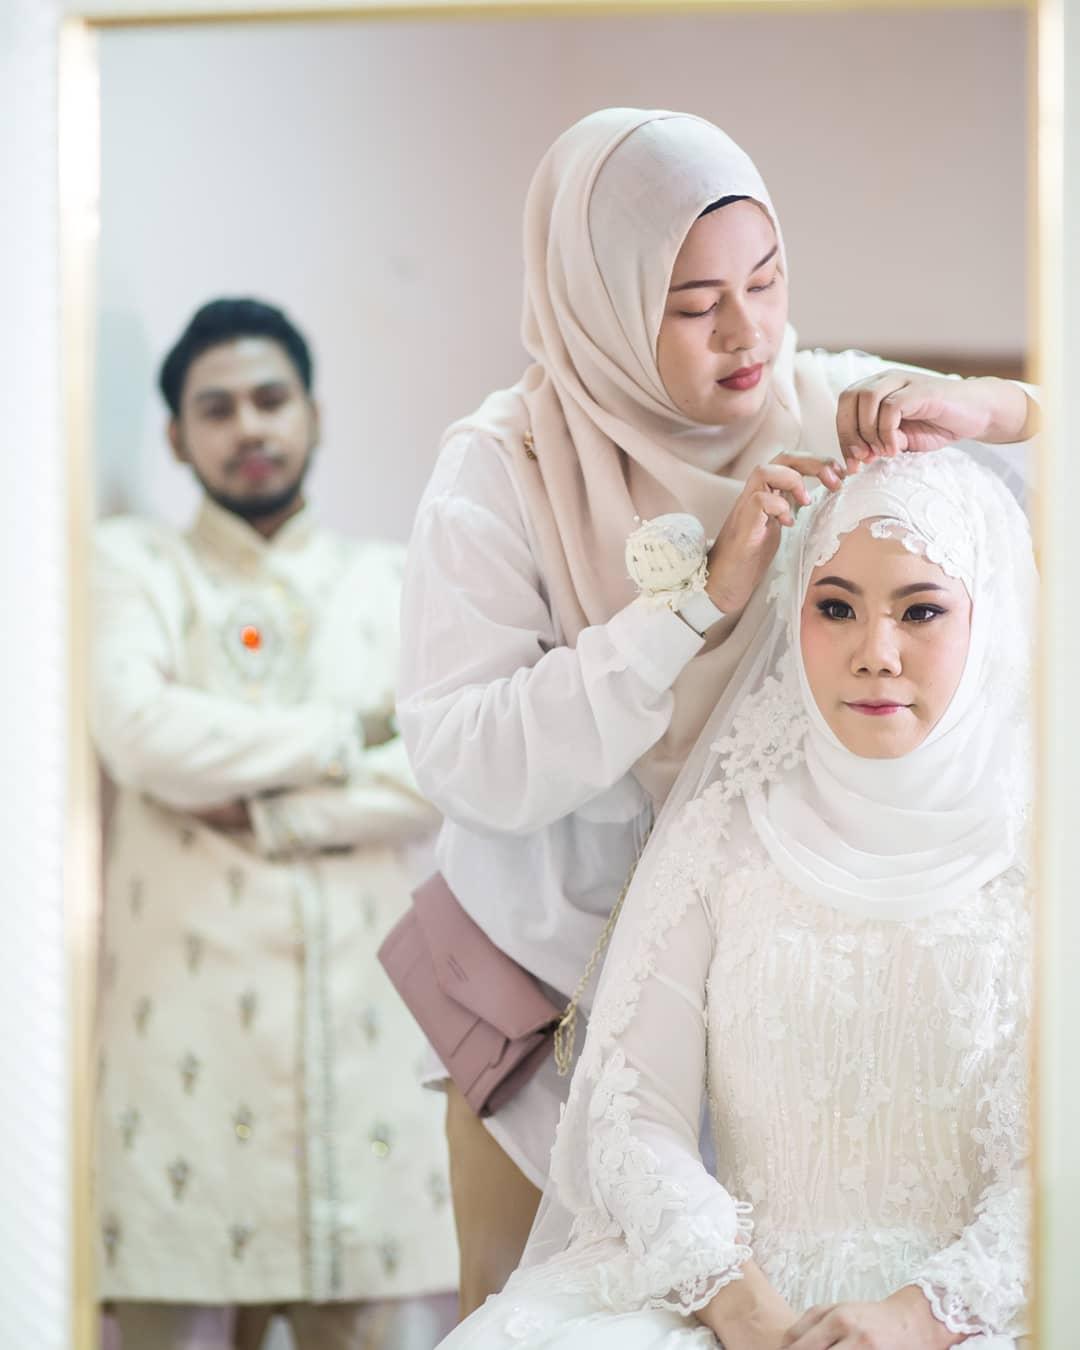 คลุมผมเจ้าสาว คลุมผมอิสลาม คลุมผ้าเจ้าสาว ผ้าคลุมเจ้าสาว